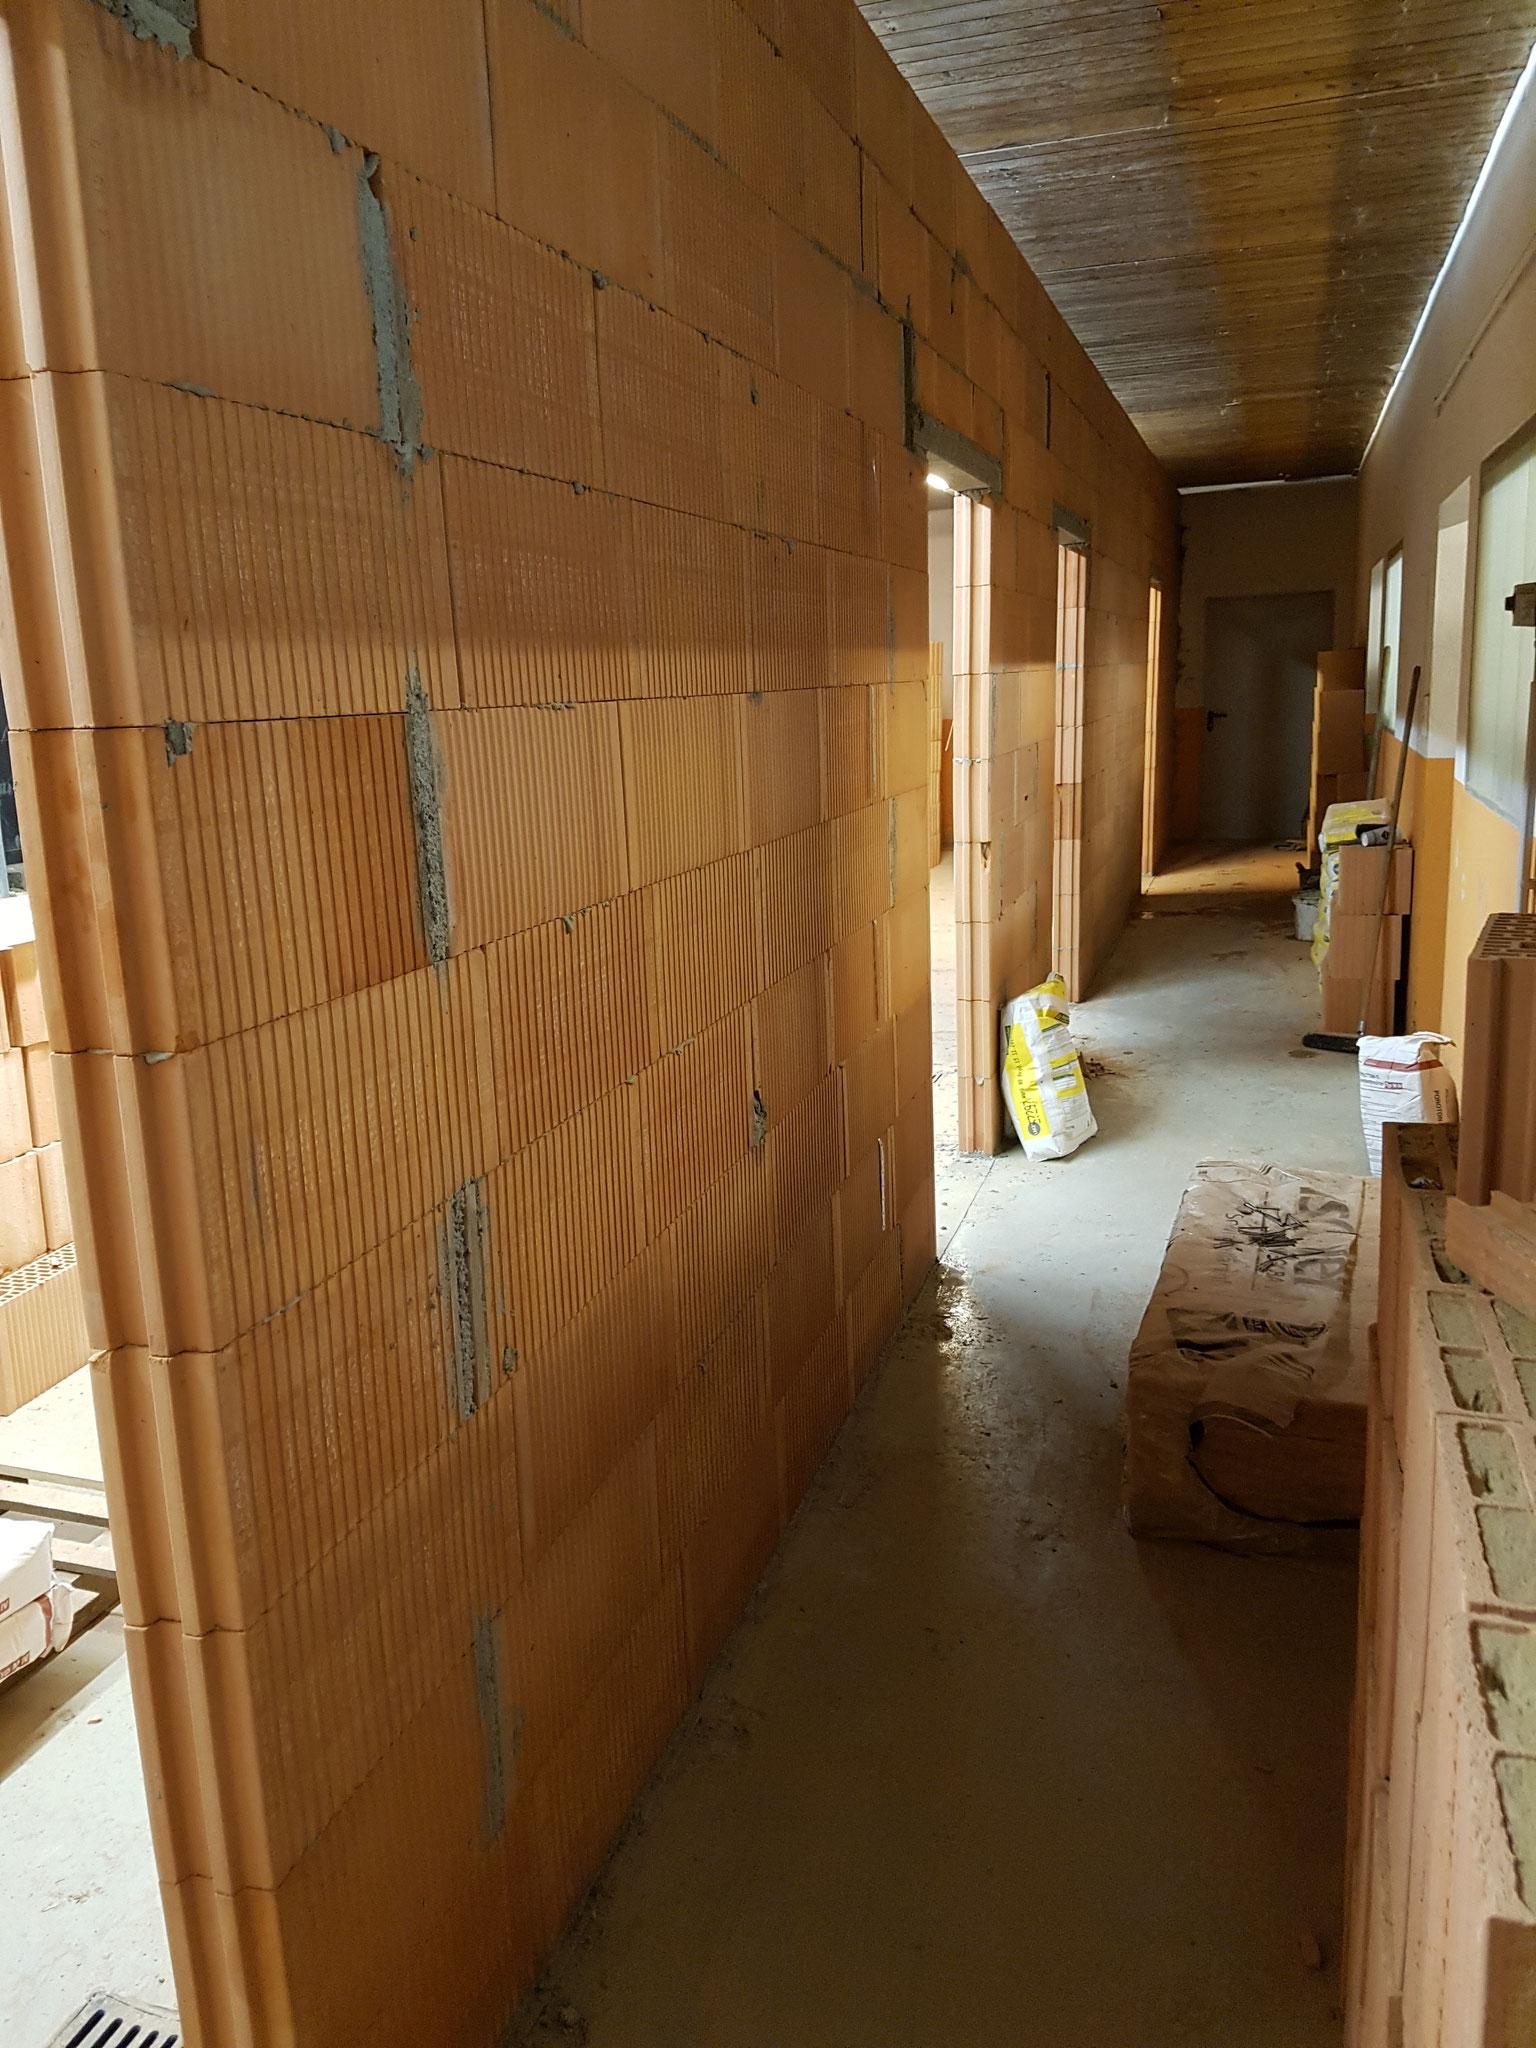 Die Abstände der Türen geben einen Ausblick auf die Größe der Zimmer